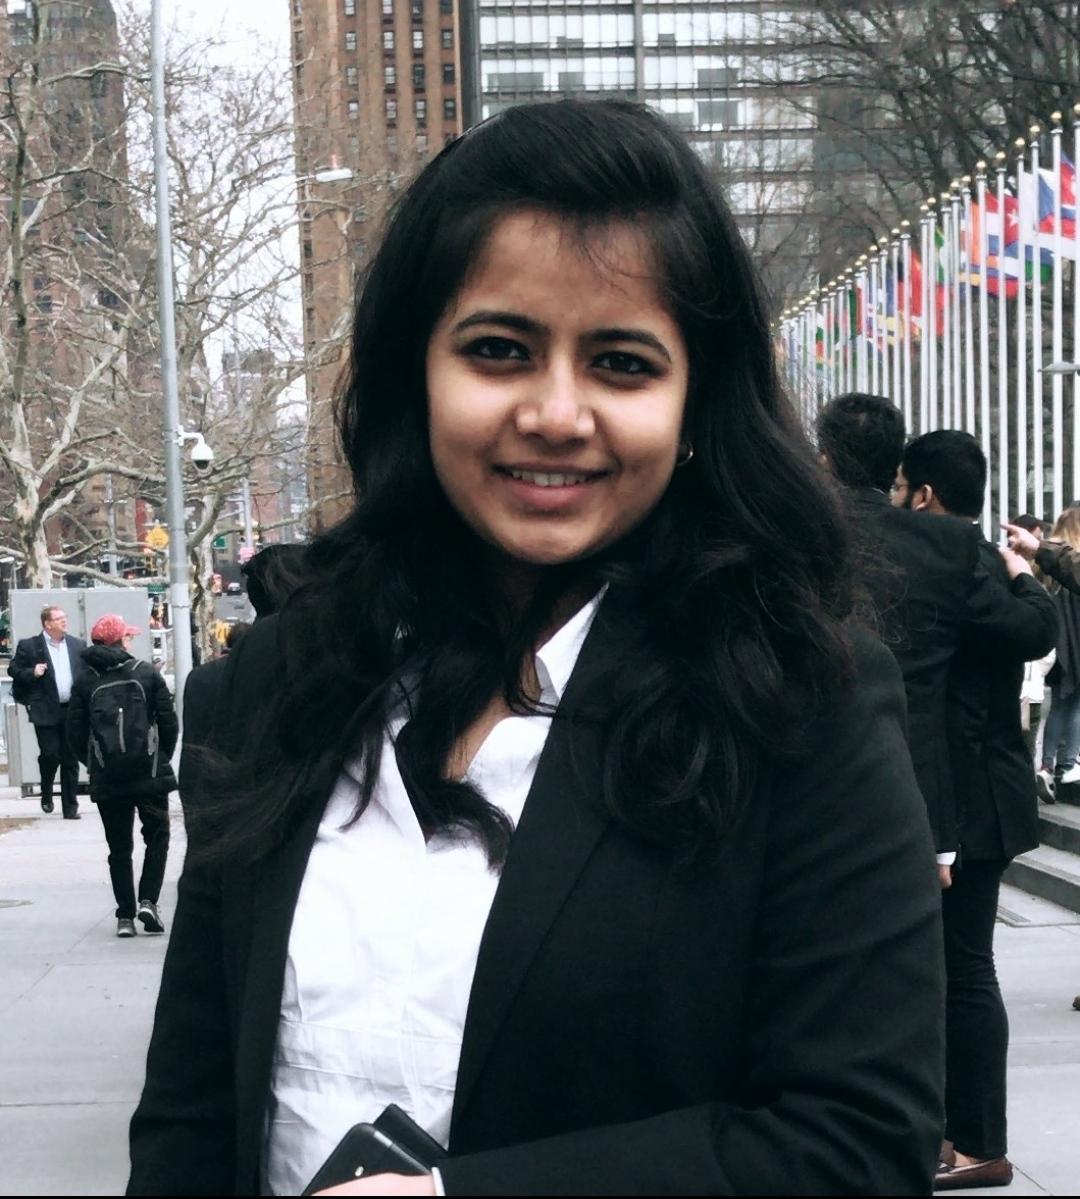 हल्द्वानी की बेटी प्रियांशी रोटेरियन बनीं, एशिया में लिटरेसी लाने के लिए जुड़ने जा रही हैं इस बड़े मिशन से